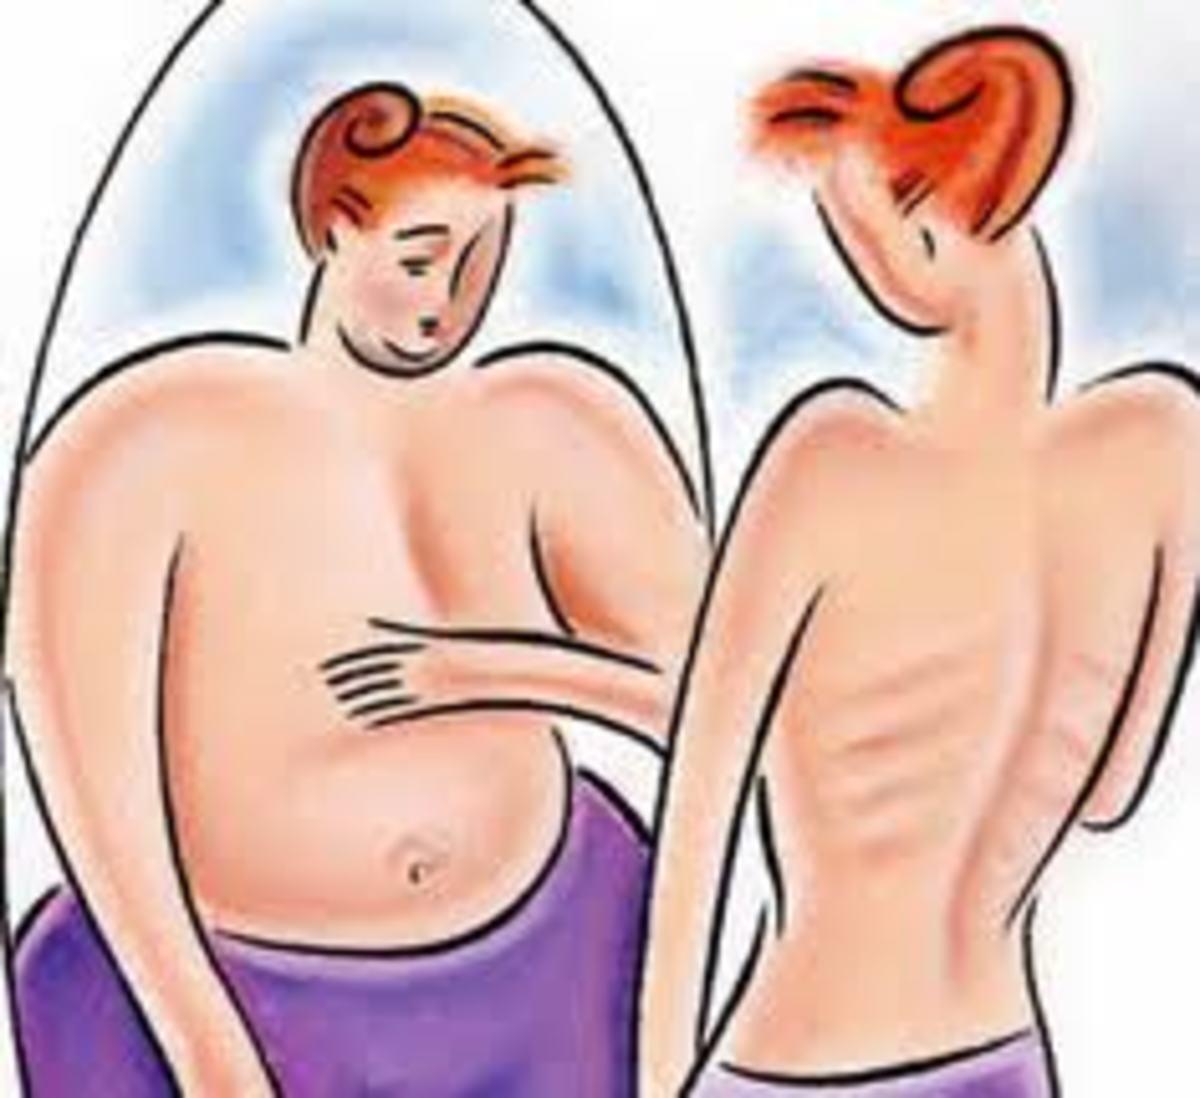 bulimia-nervosa-its-enough-to-make-you-sick